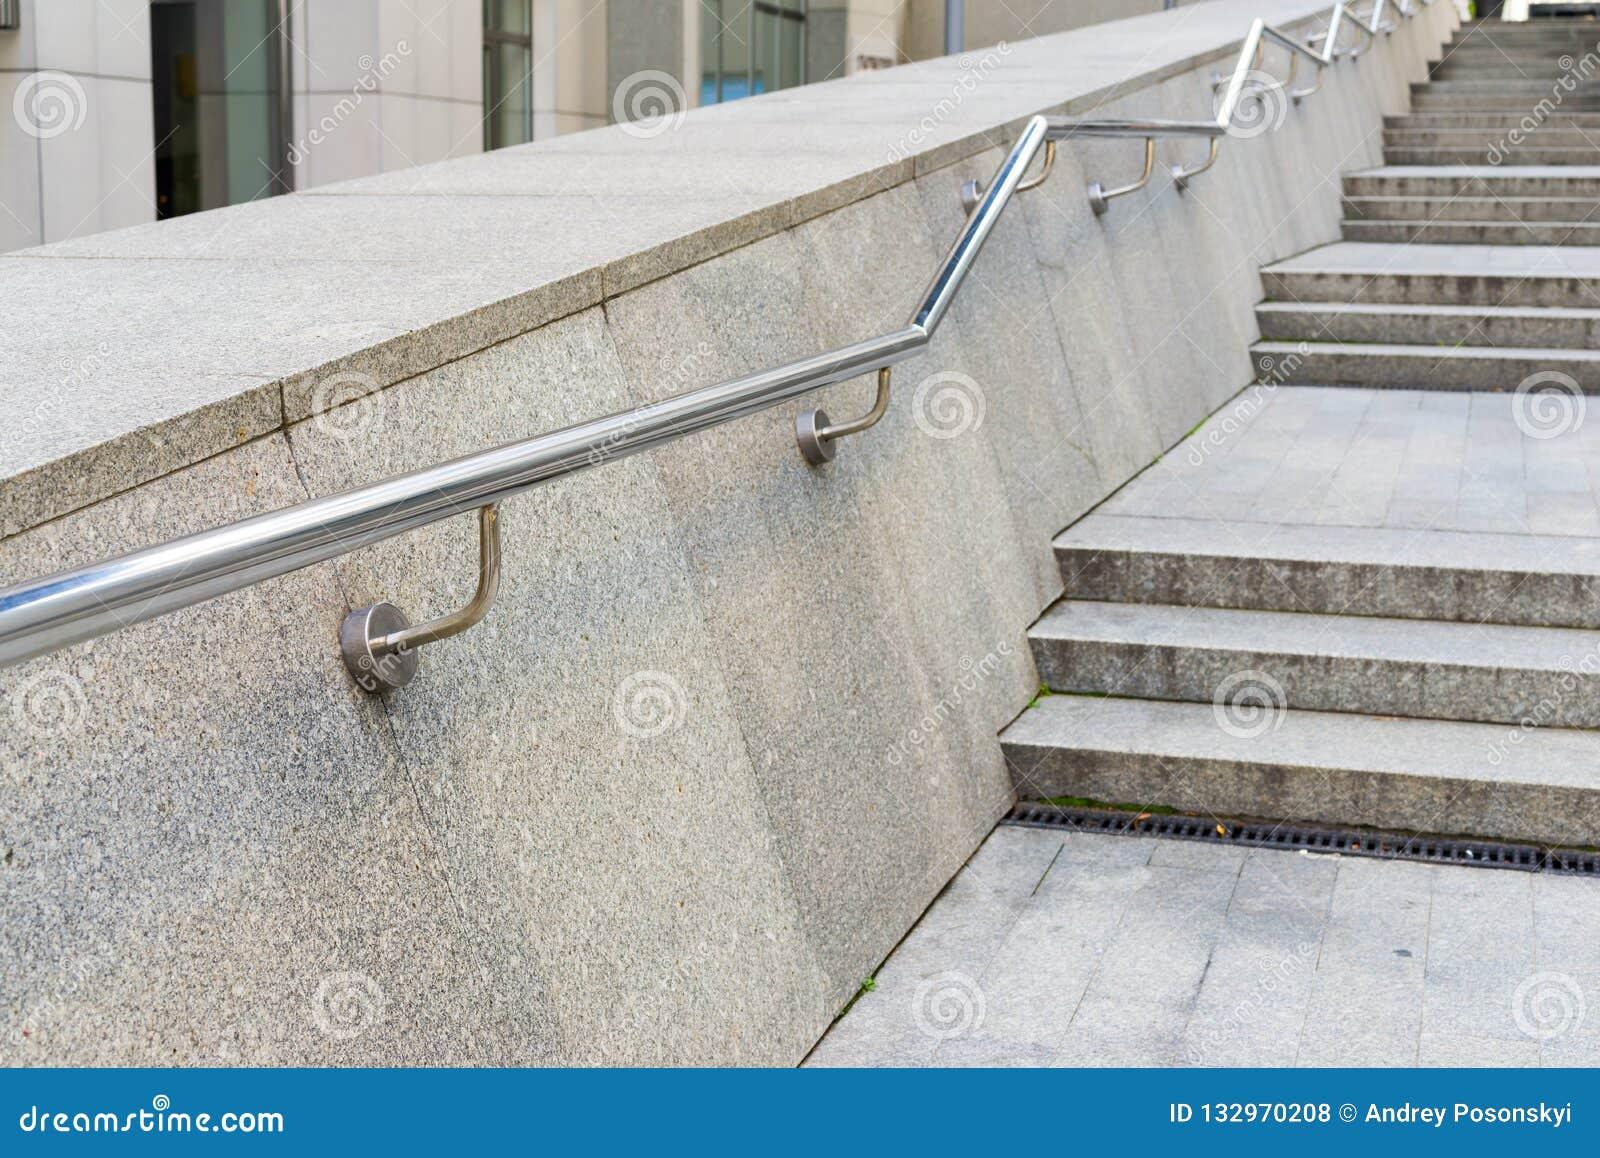 Stainless steel metal handrails